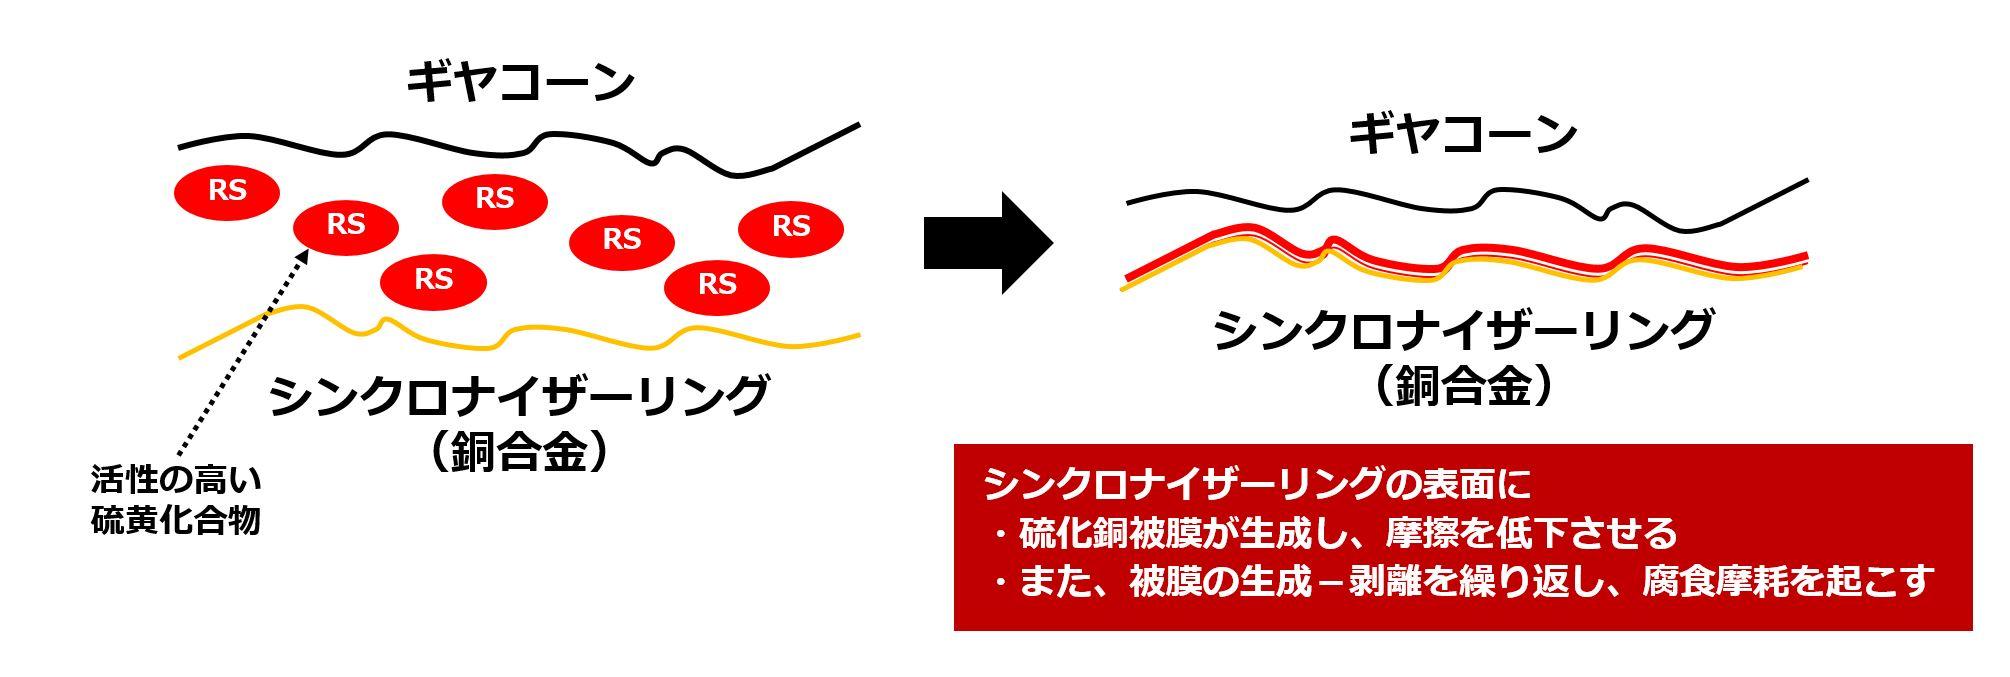 ギヤコーンとシンクロナイザーリング表面のイメージ図